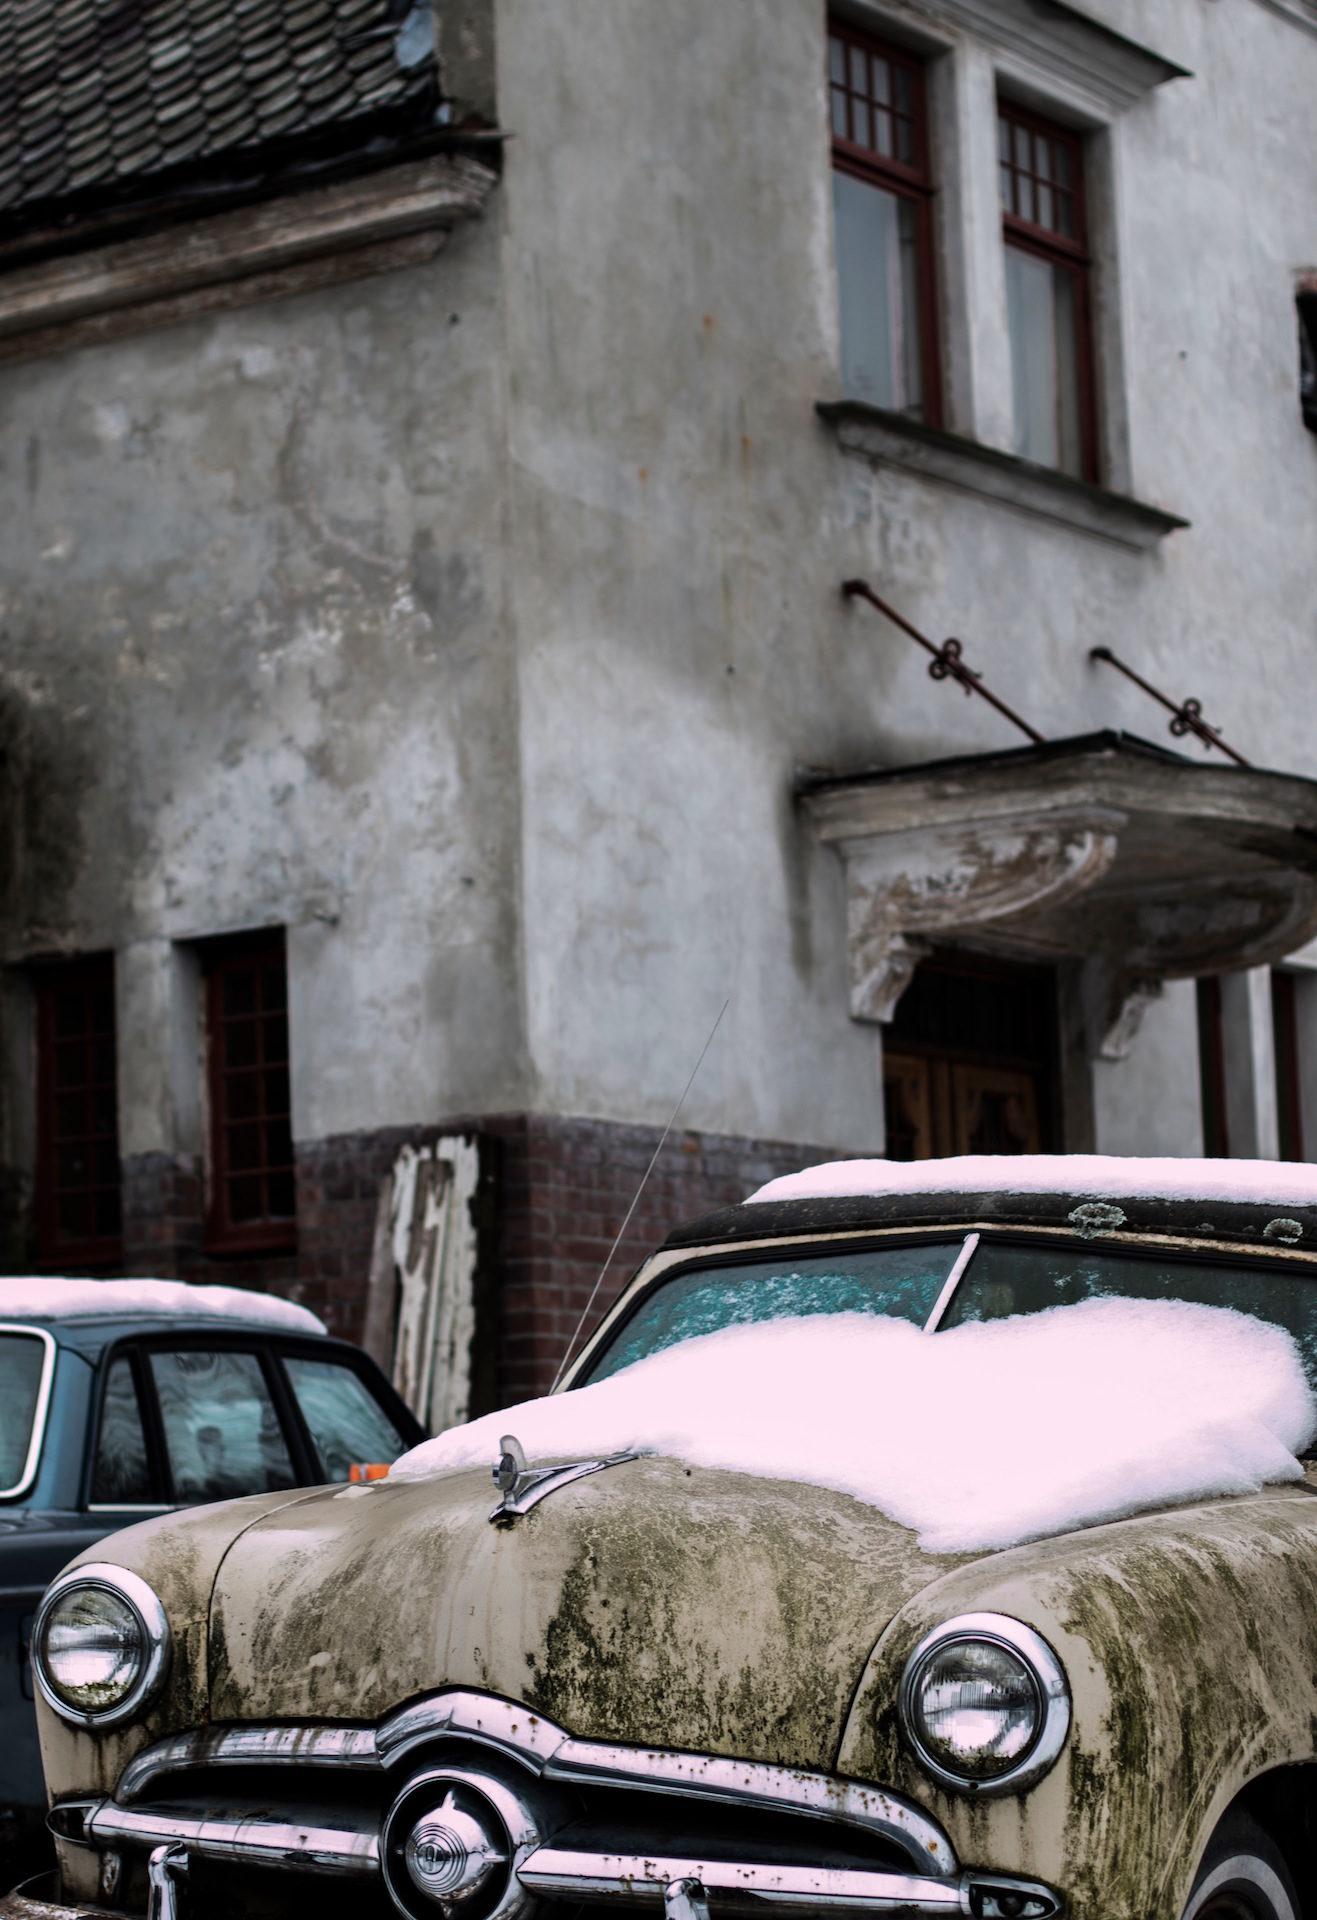 carro, neve, Casa, velho, vintage - Papéis de parede HD - Professor-falken.com